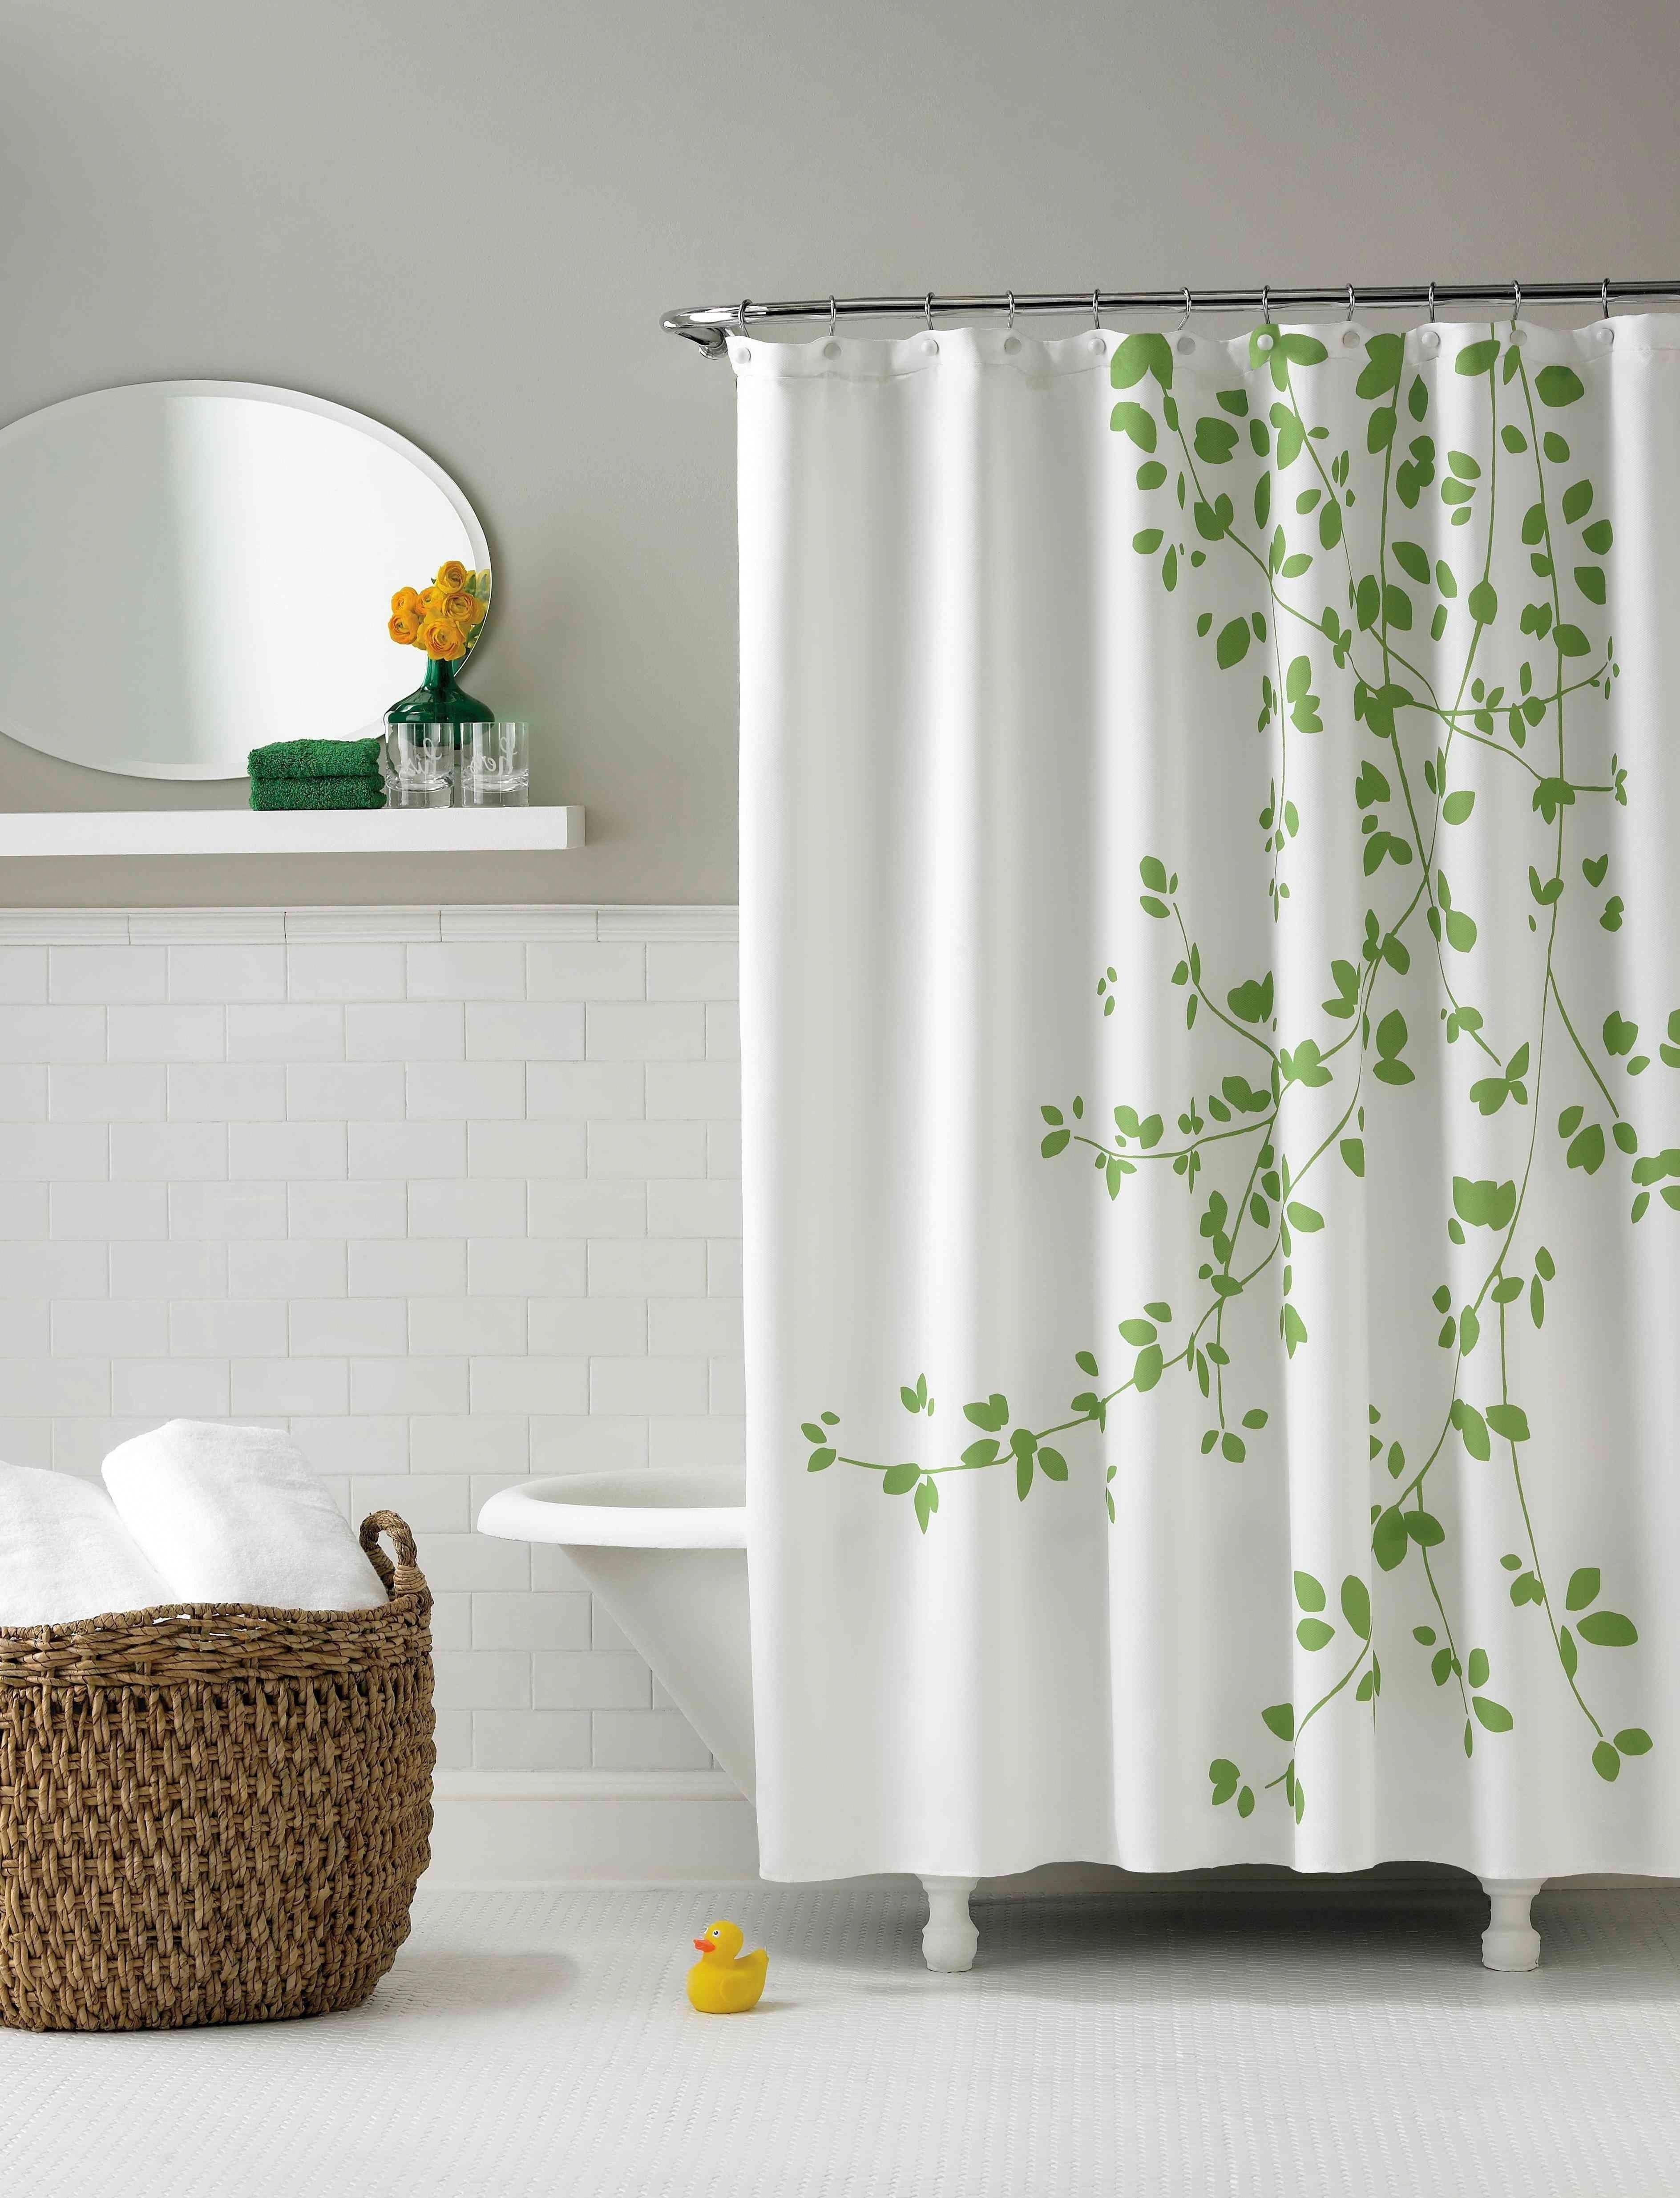 Olive Green Bathroom Greenbathroomrugs Yellow Bathroom Decor Green Shower Curtains Kid Bathroom Decor